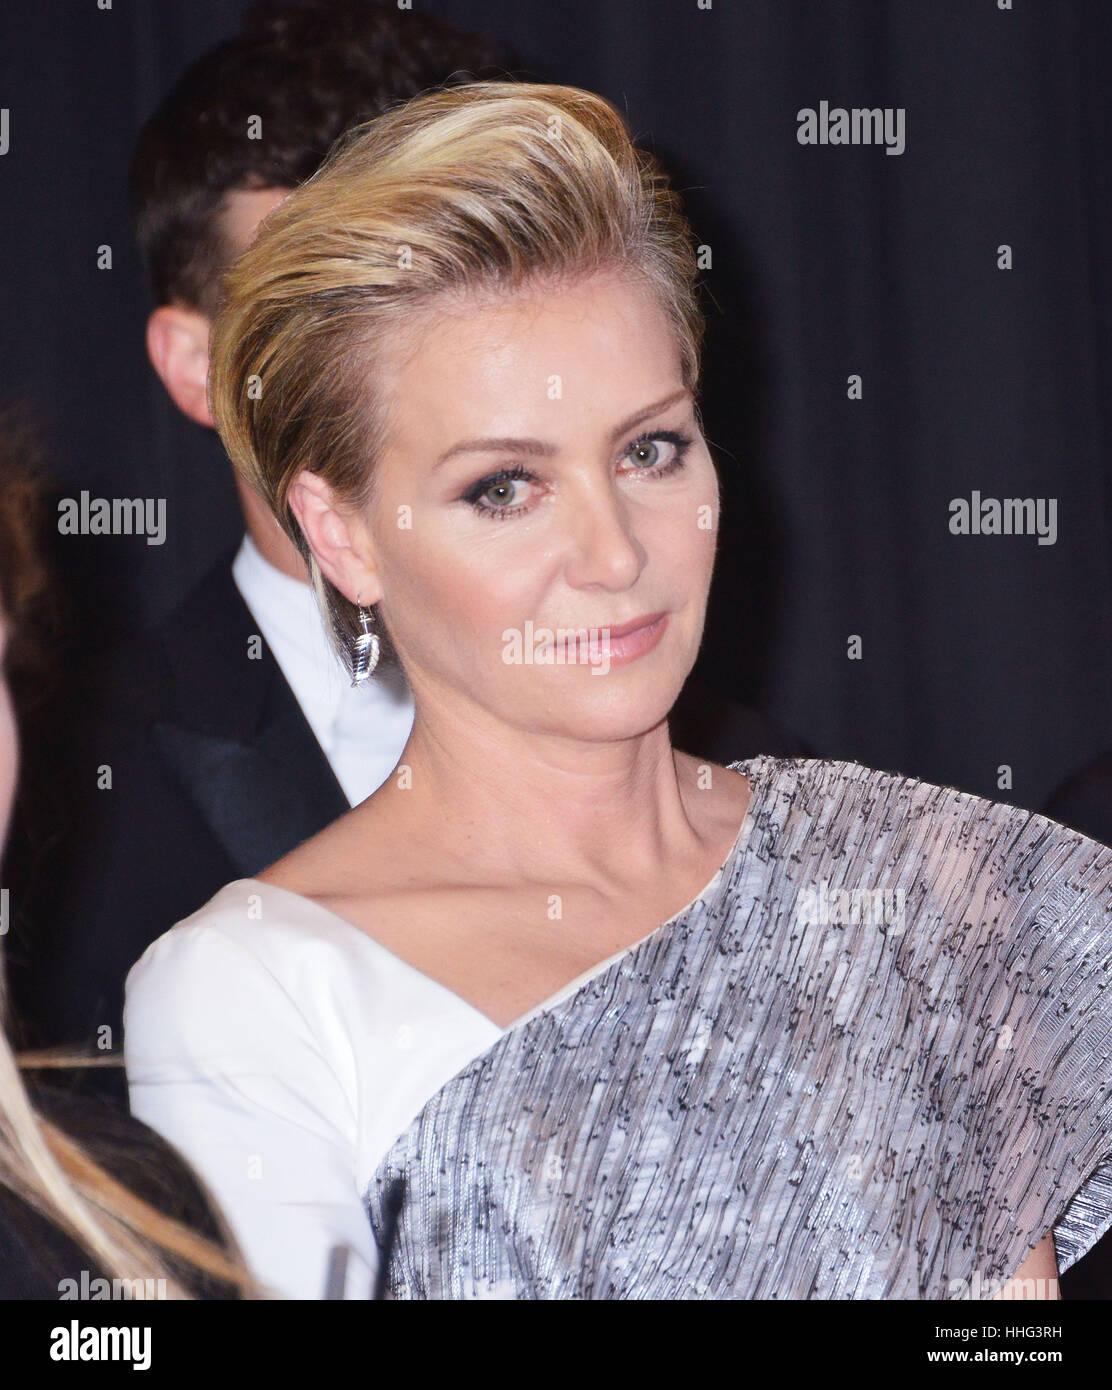 Portia De Rossi Los Angeles Stock Photos & Portia De Rossi Los ...